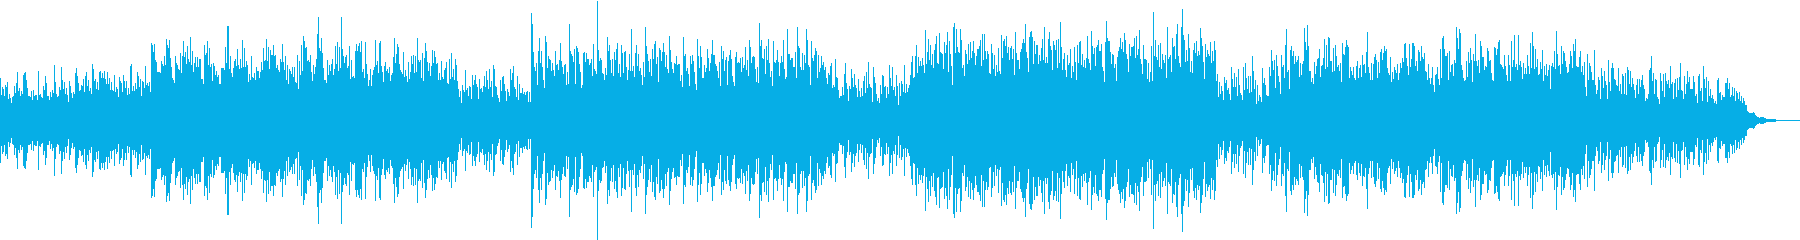 ピアノがメインでビート感のあるサウンドの再生済みの波形